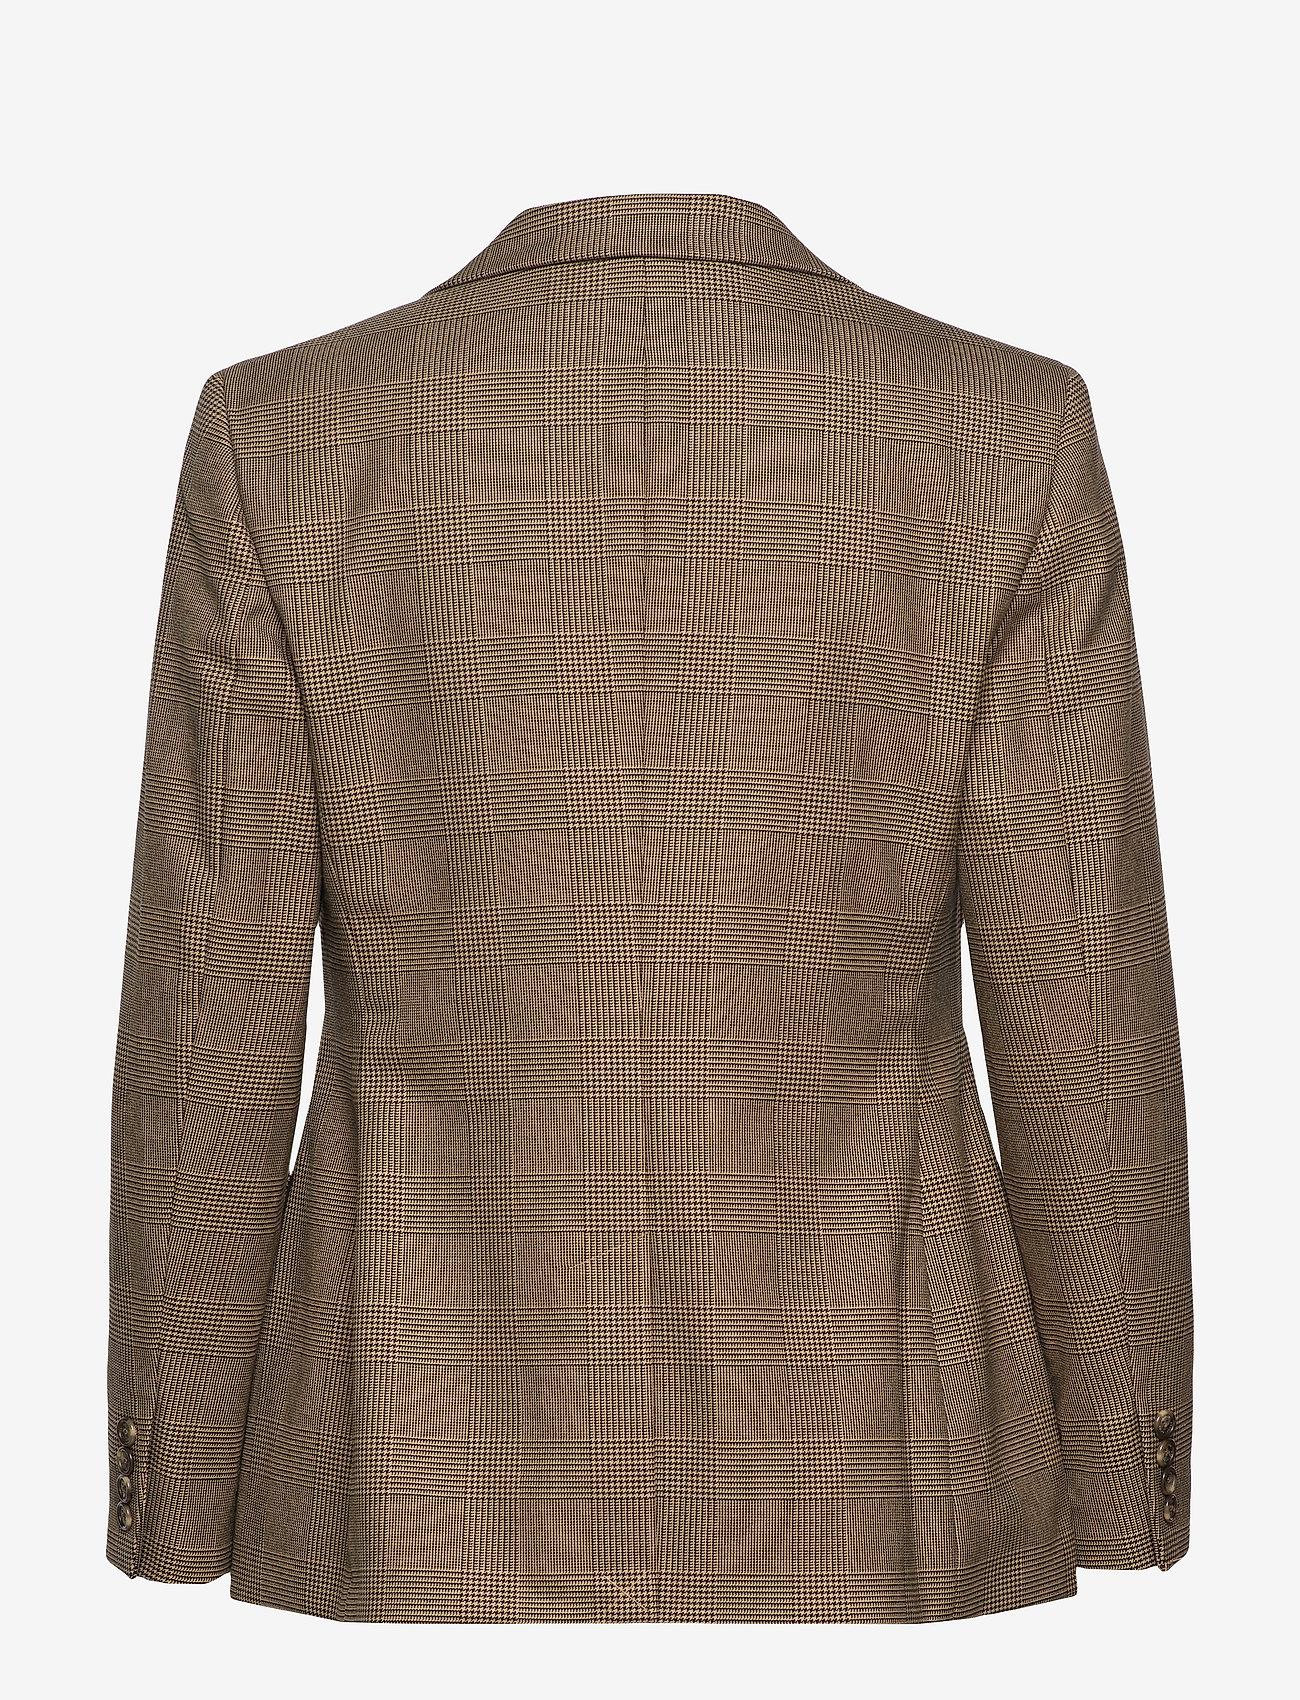 Refined Suiting-jacket (Brown/tan Multi) - Lauren Ralph Lauren J5UgIa